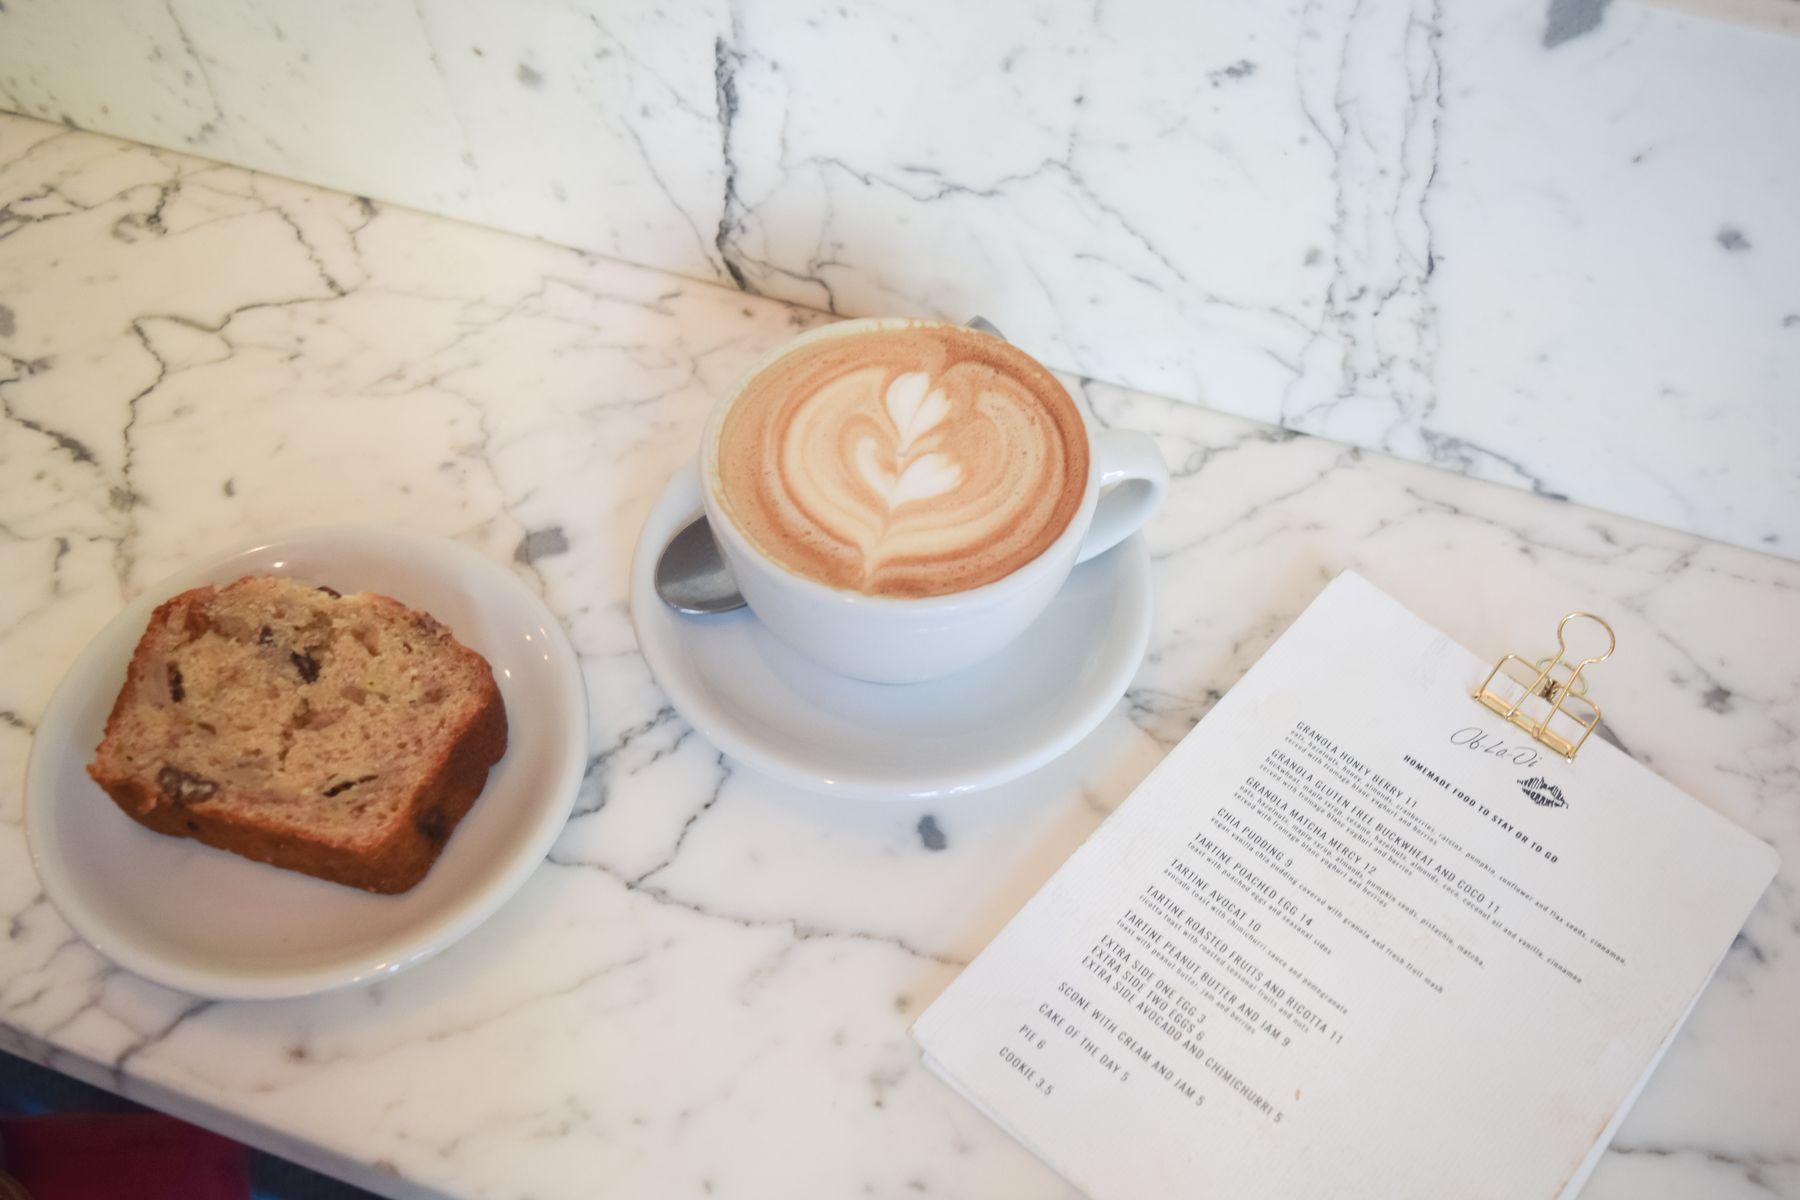 Banana Bread and Latte at Ob La Di Café, Paris